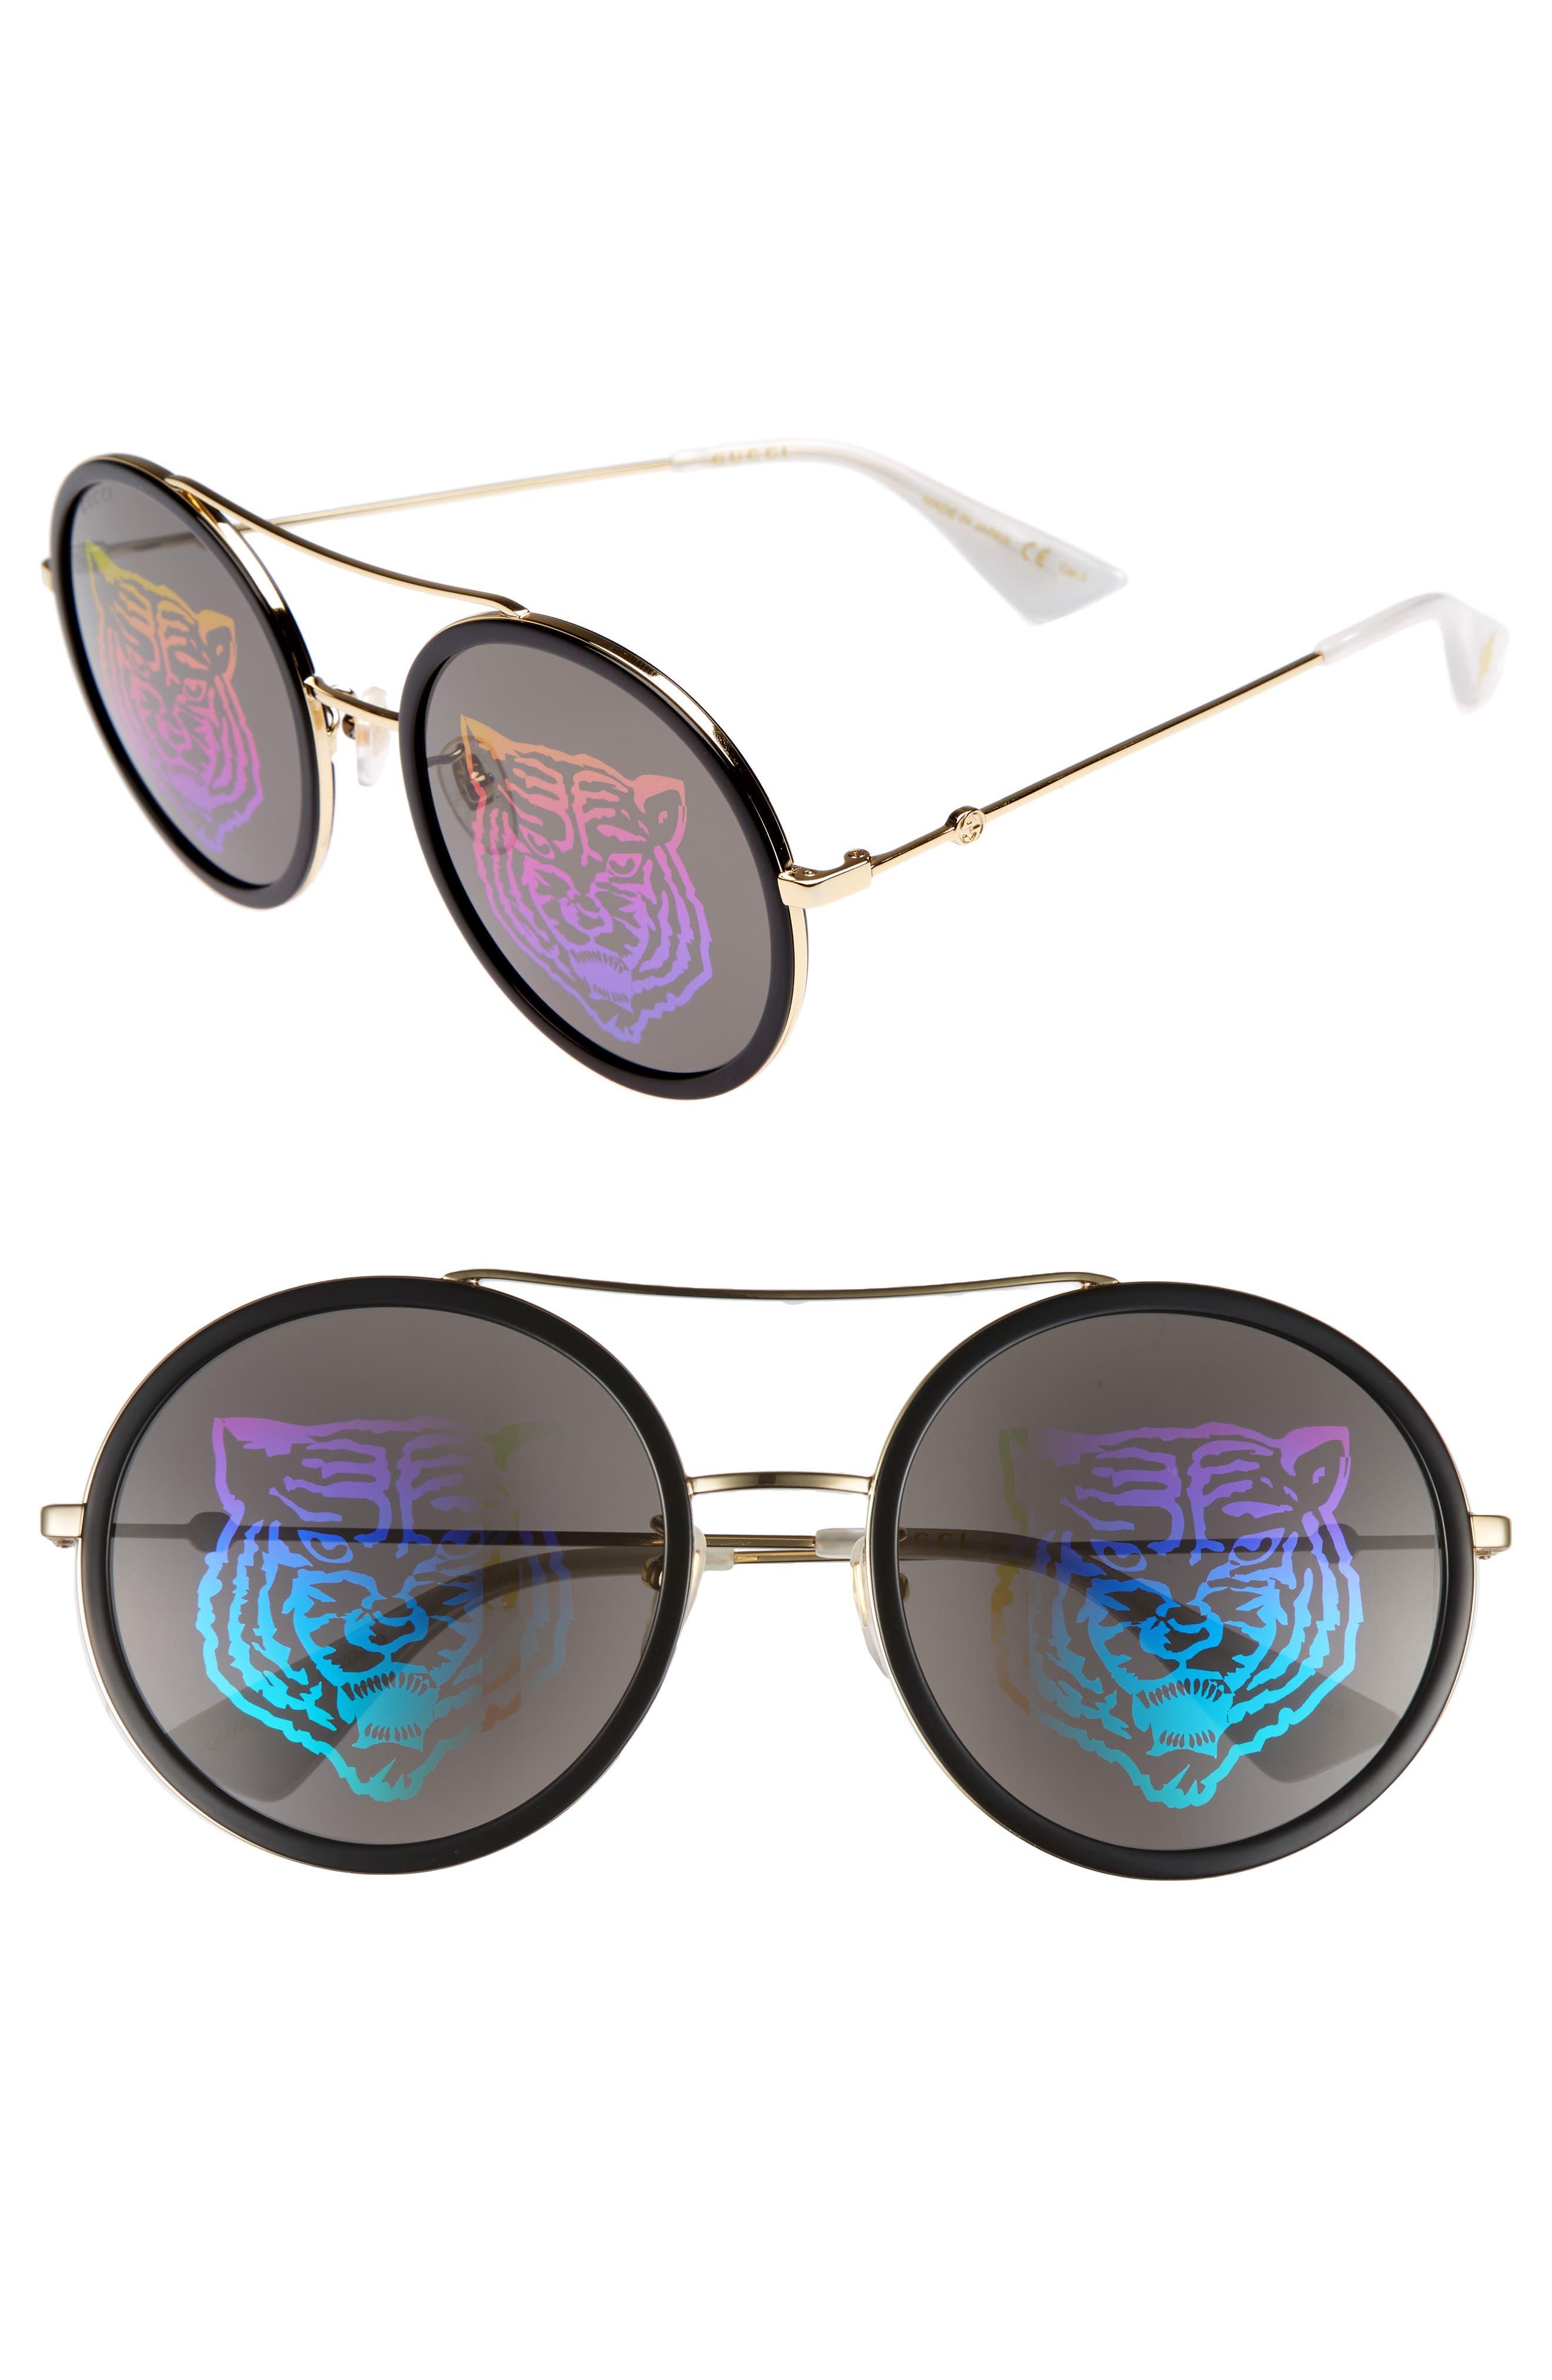 Main Image - Gucci 56mm Round Mirrored Aviator Sunglasses